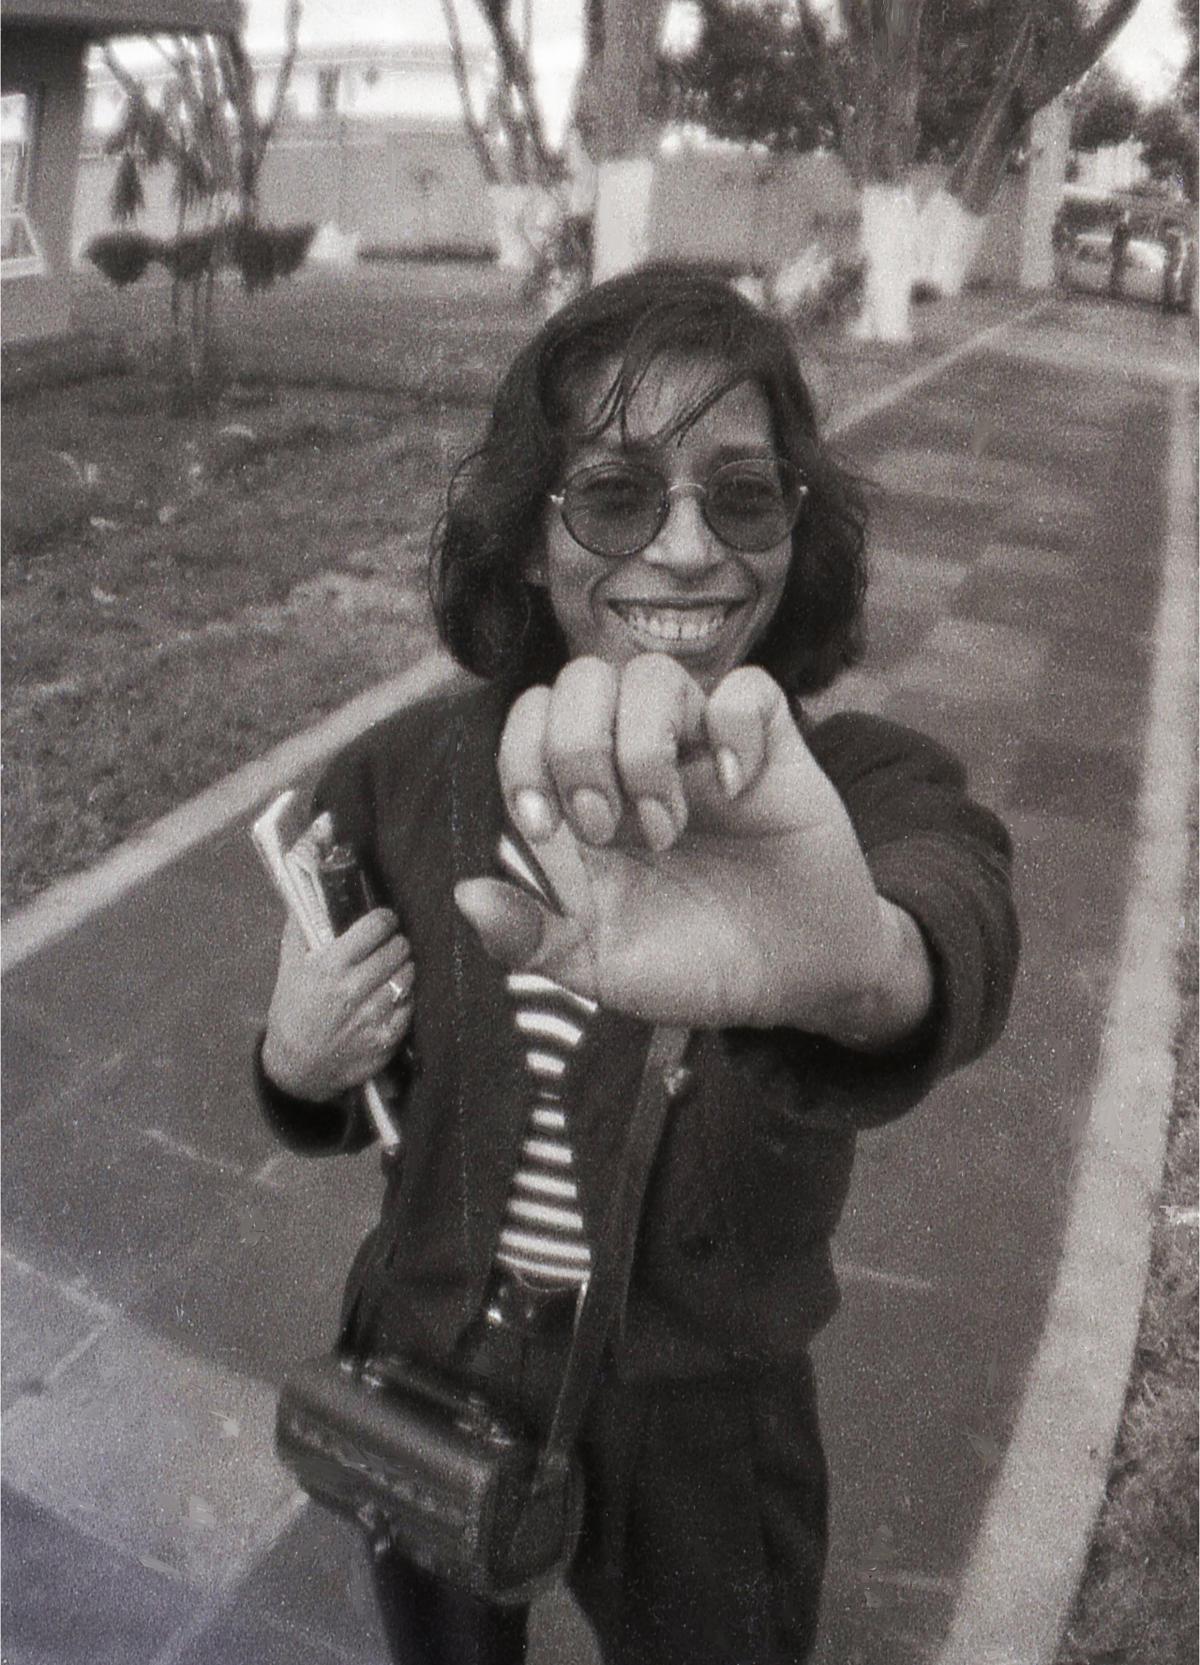 Photo non datée de la journaliste Regina Martinez,assassinée à Xalapa, la capitale de l'Etat duVeracruz, au Mexique.